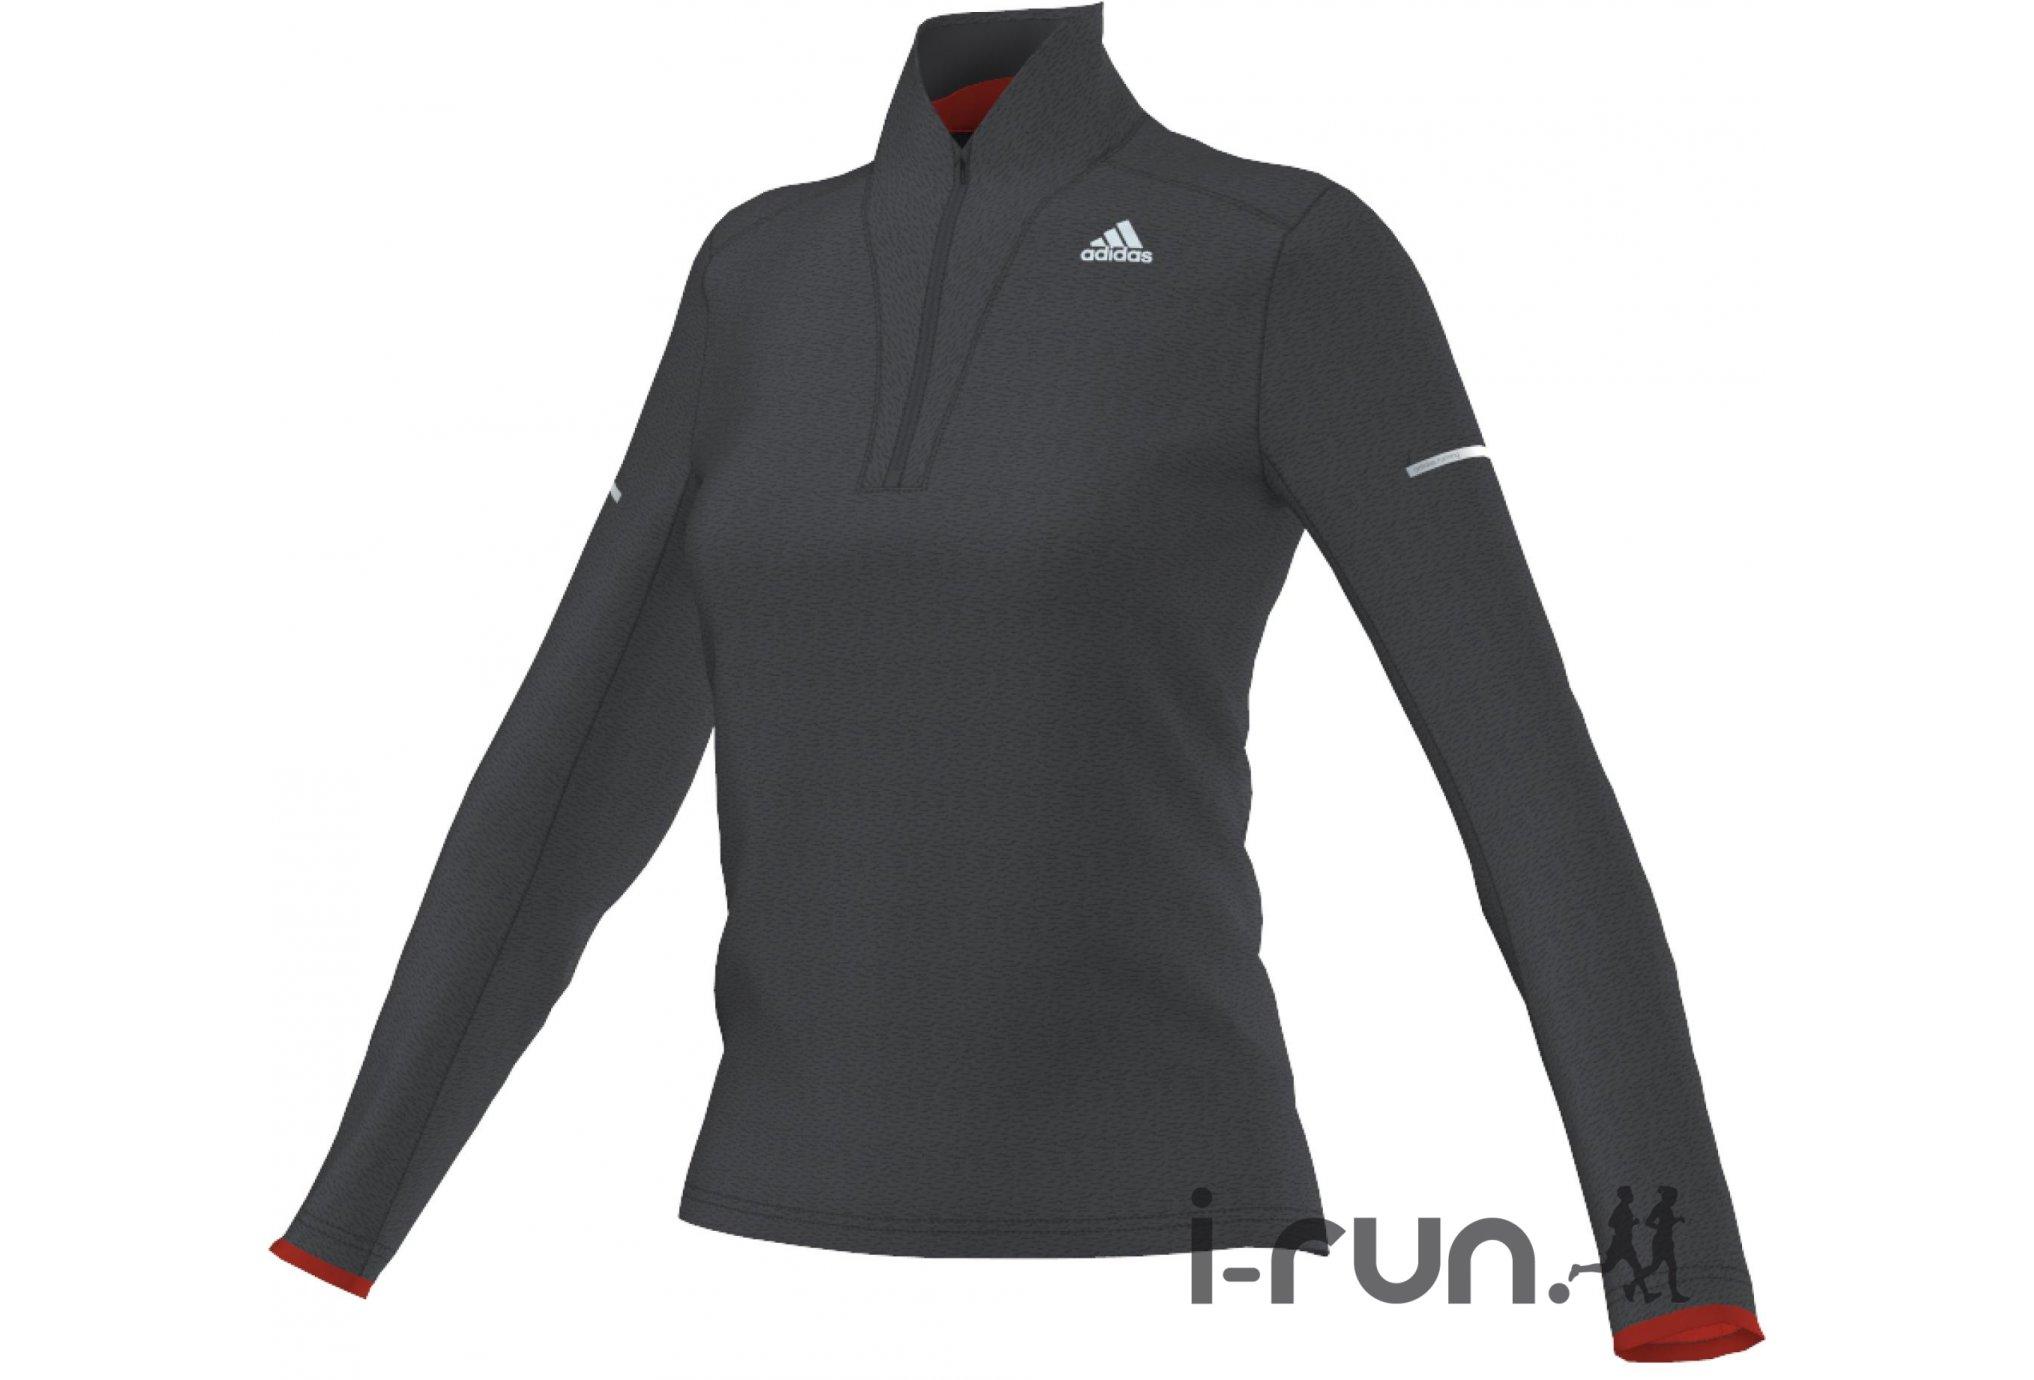 Adidas Maillot climaheat 1/2 zip w vêtement running femme